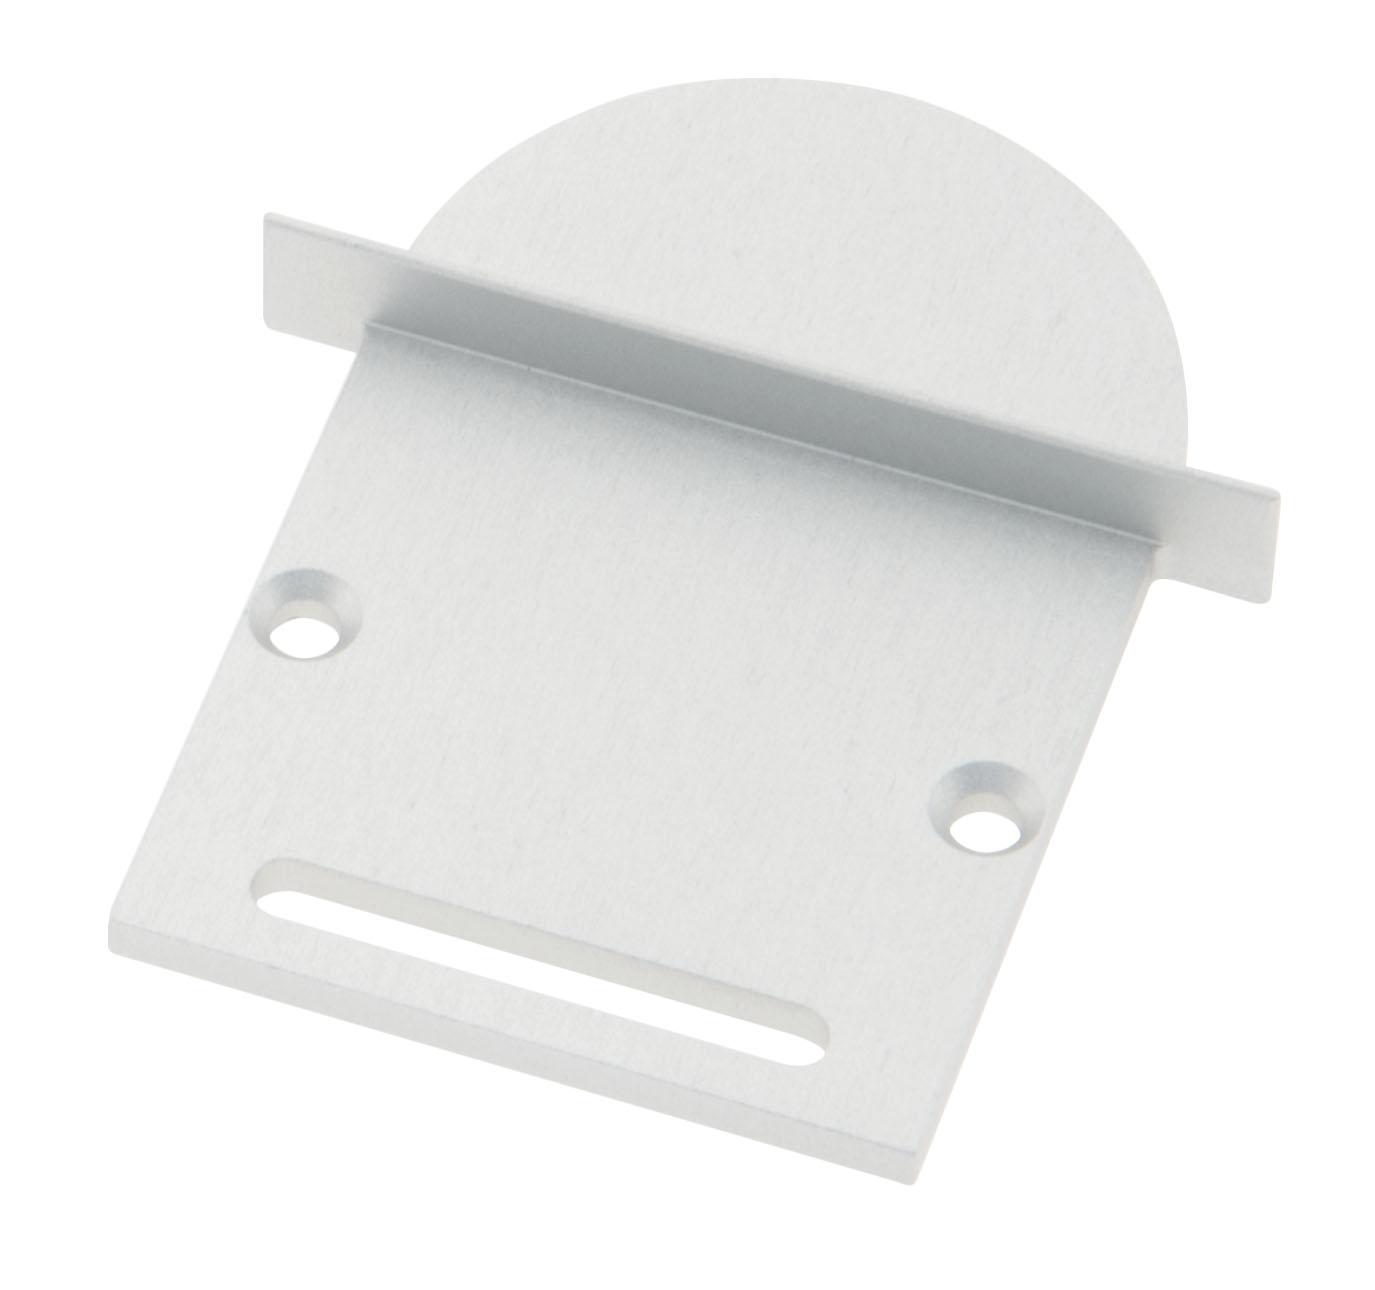 Profil Endkappe CLI Rund mit Langloch inkl. Schrauben